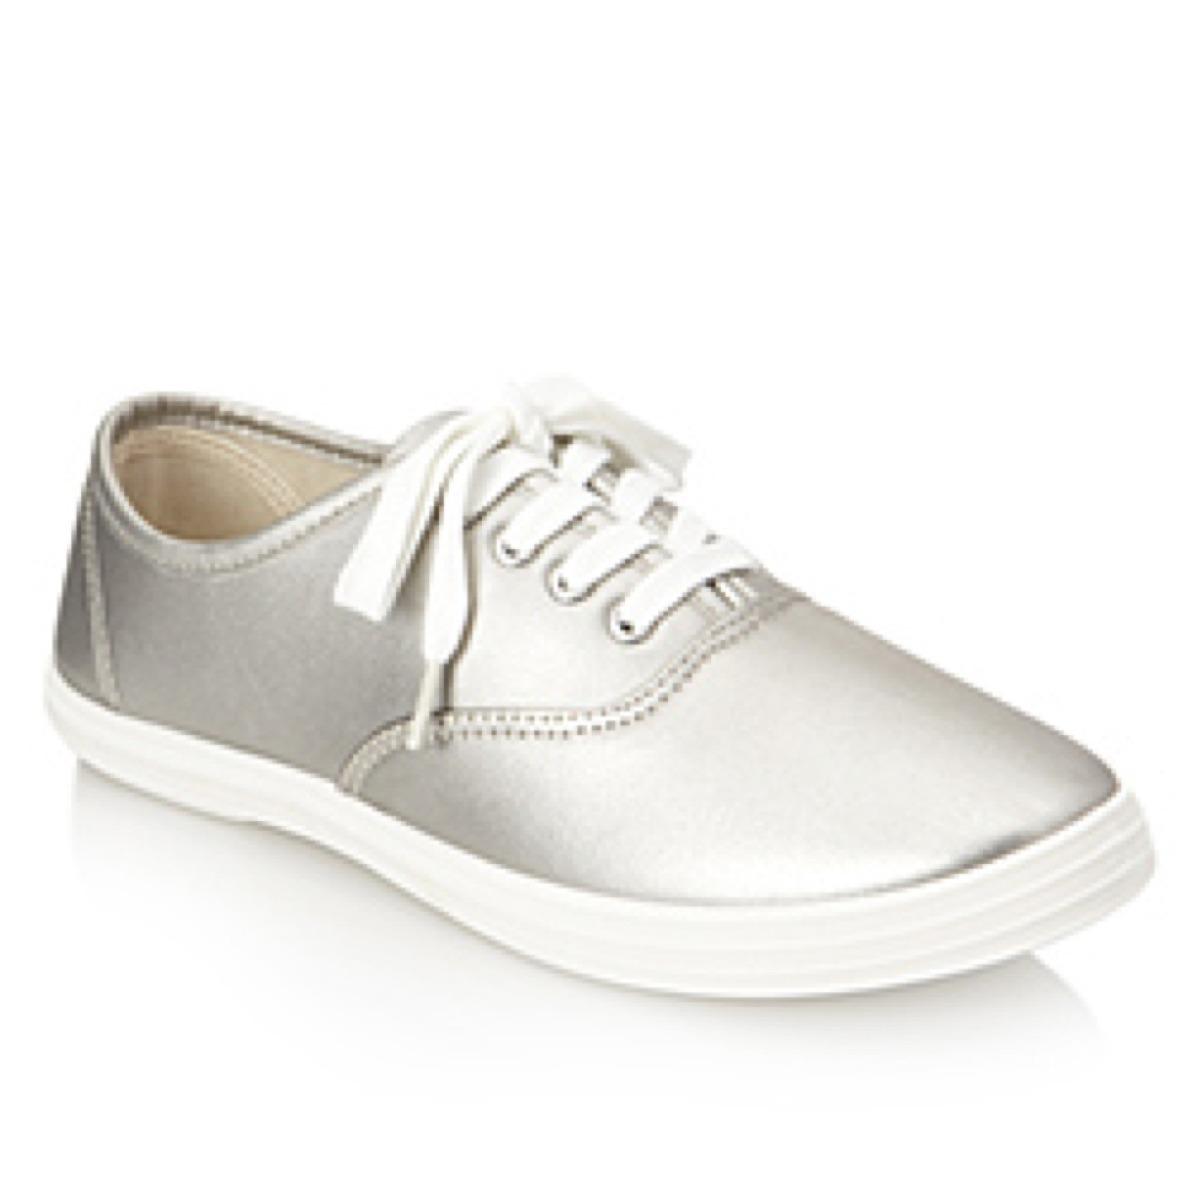 Zapatos Mercadolibre Venezuela Newhairstylesformen2014 Com